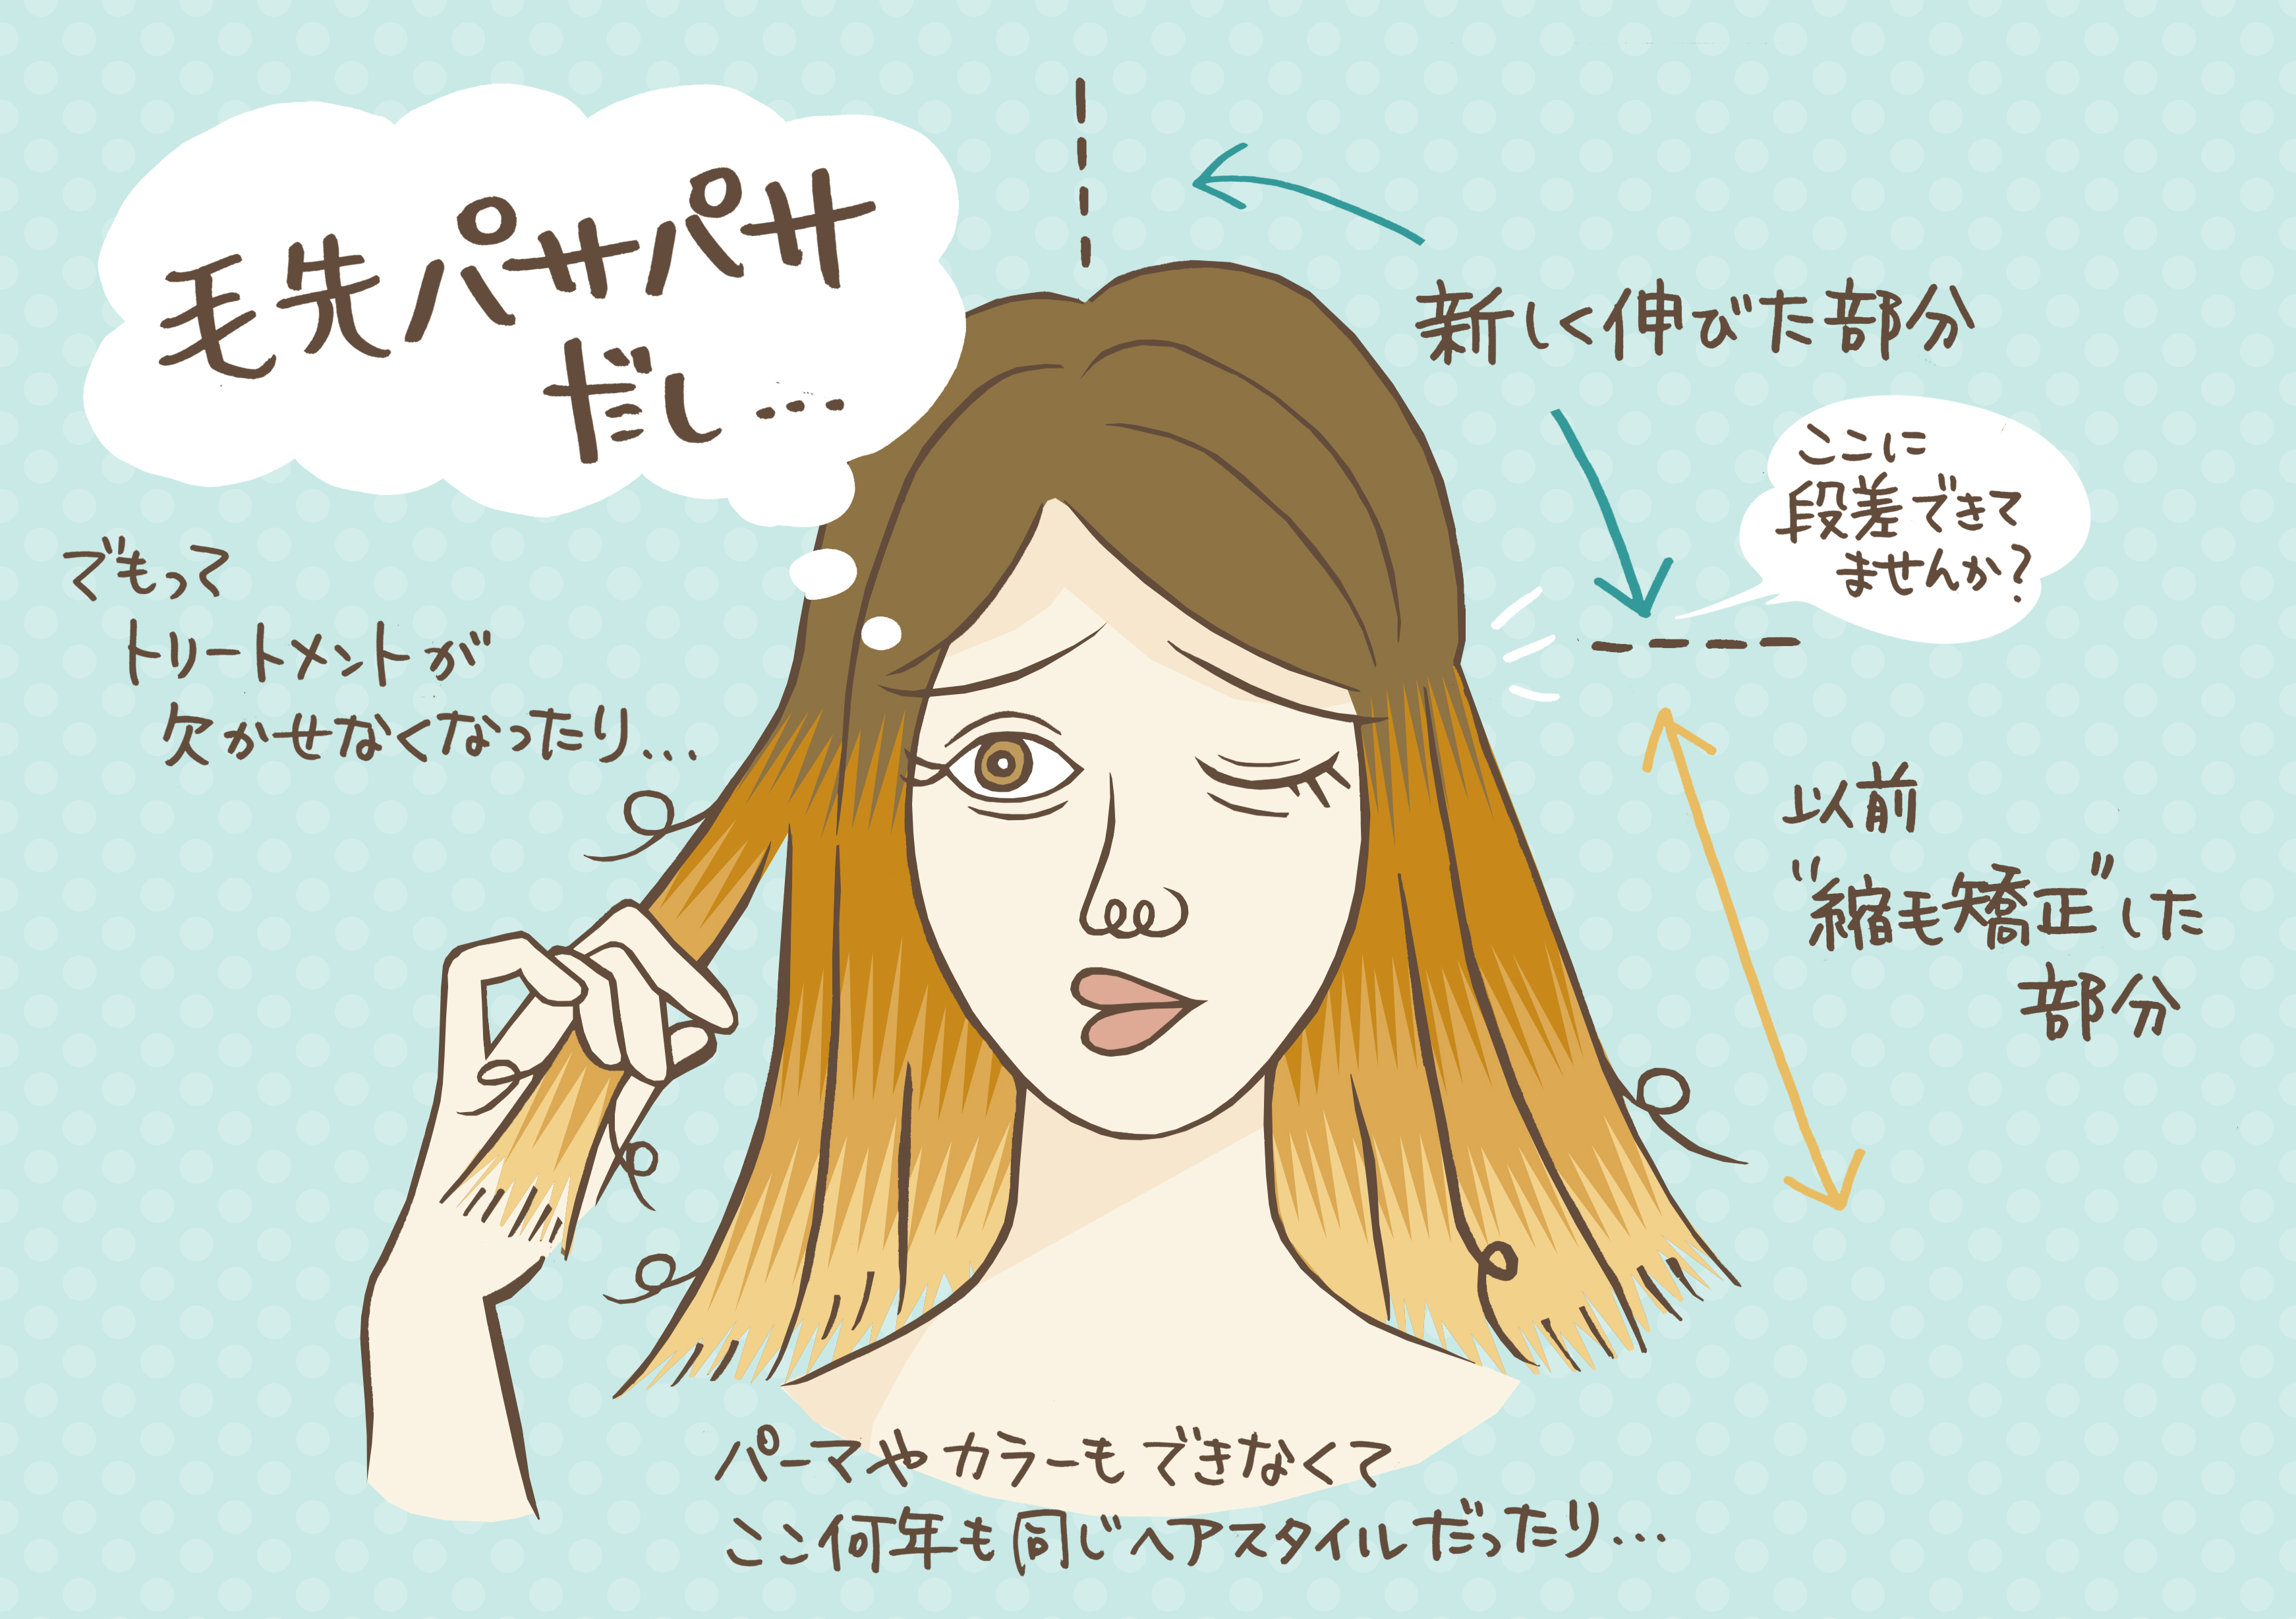 大田原・那須塩原美容室/縮毛矯正の弊害